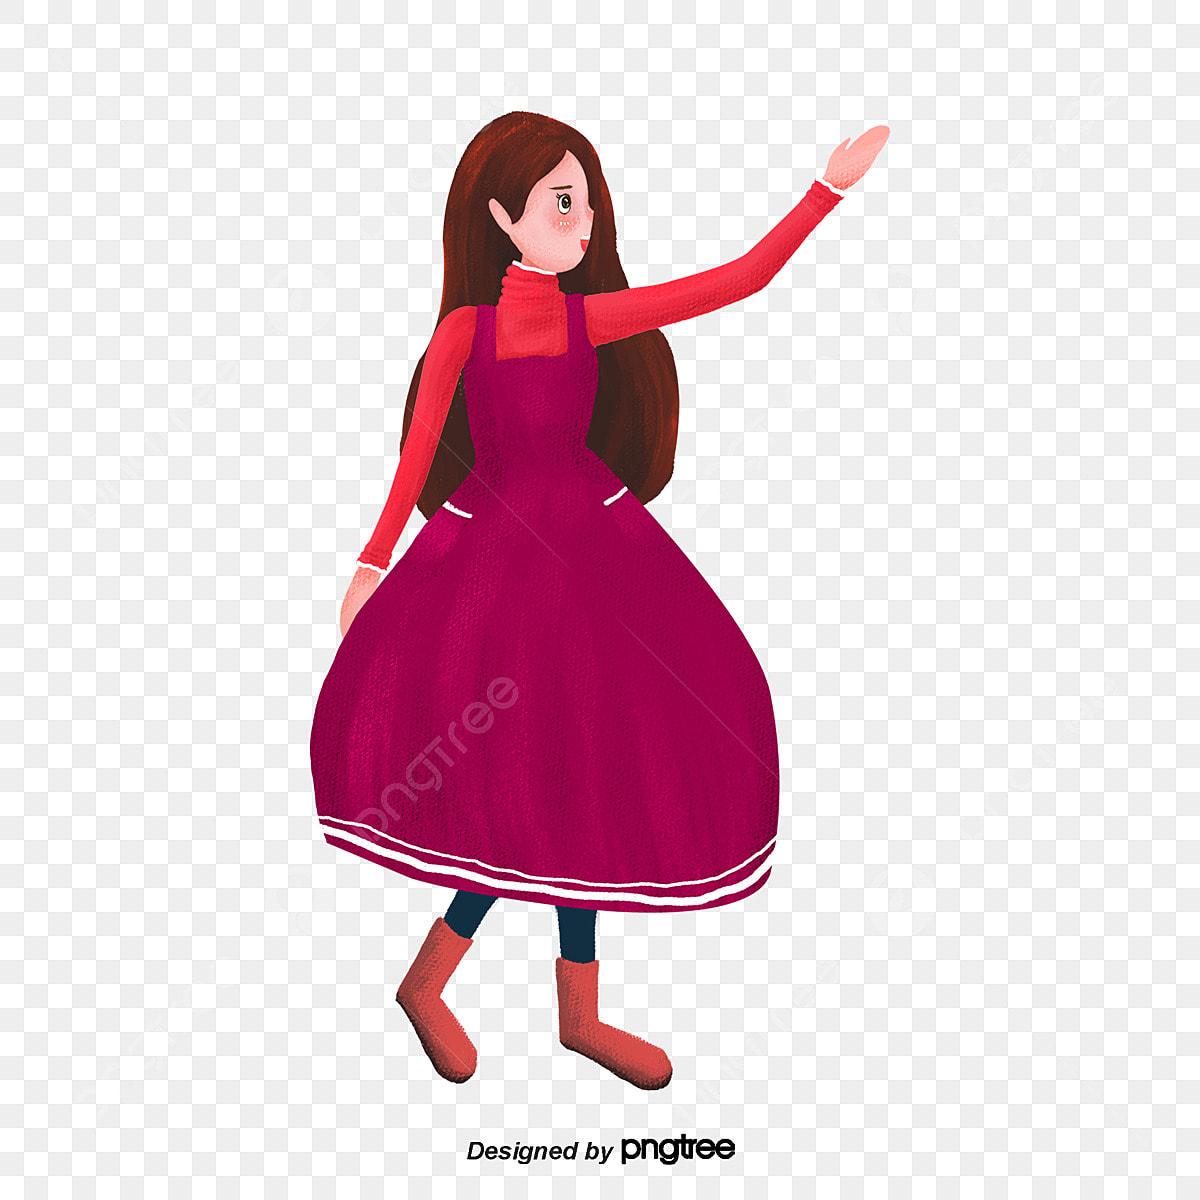 La Chica Del Vestido Rojo Oscuro Cartel Encantador Escena